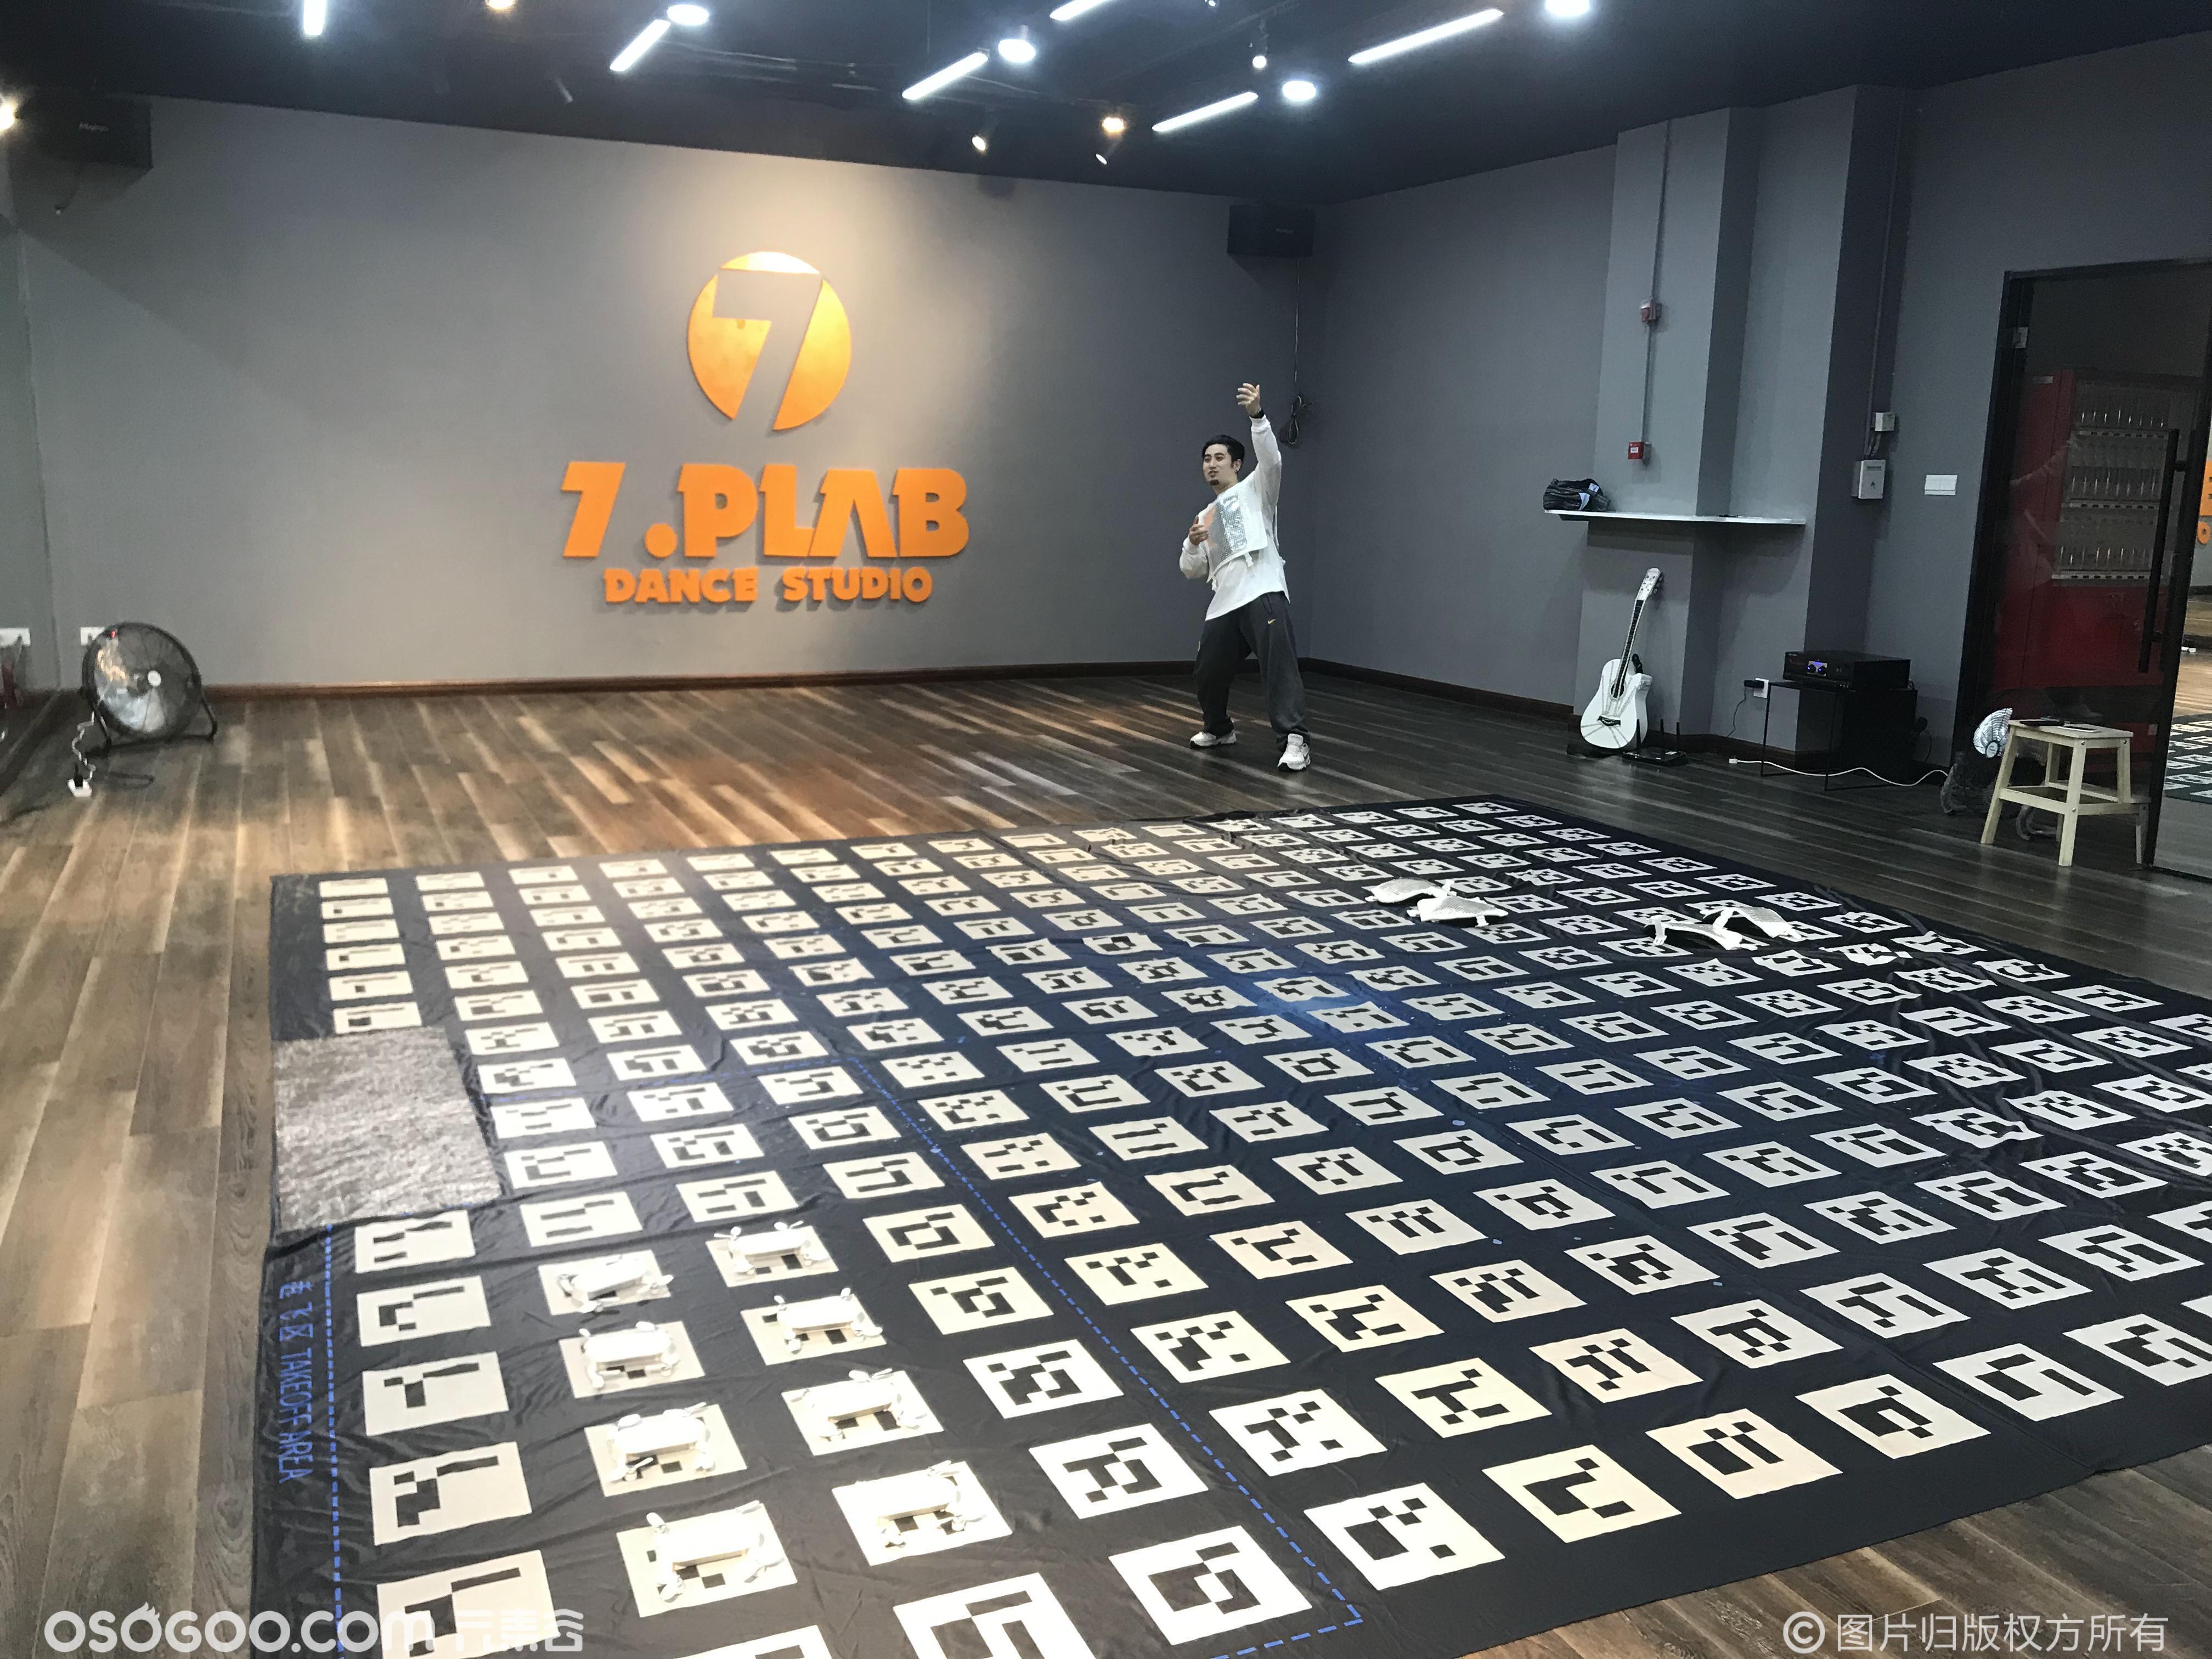 无人机室内地毯编队